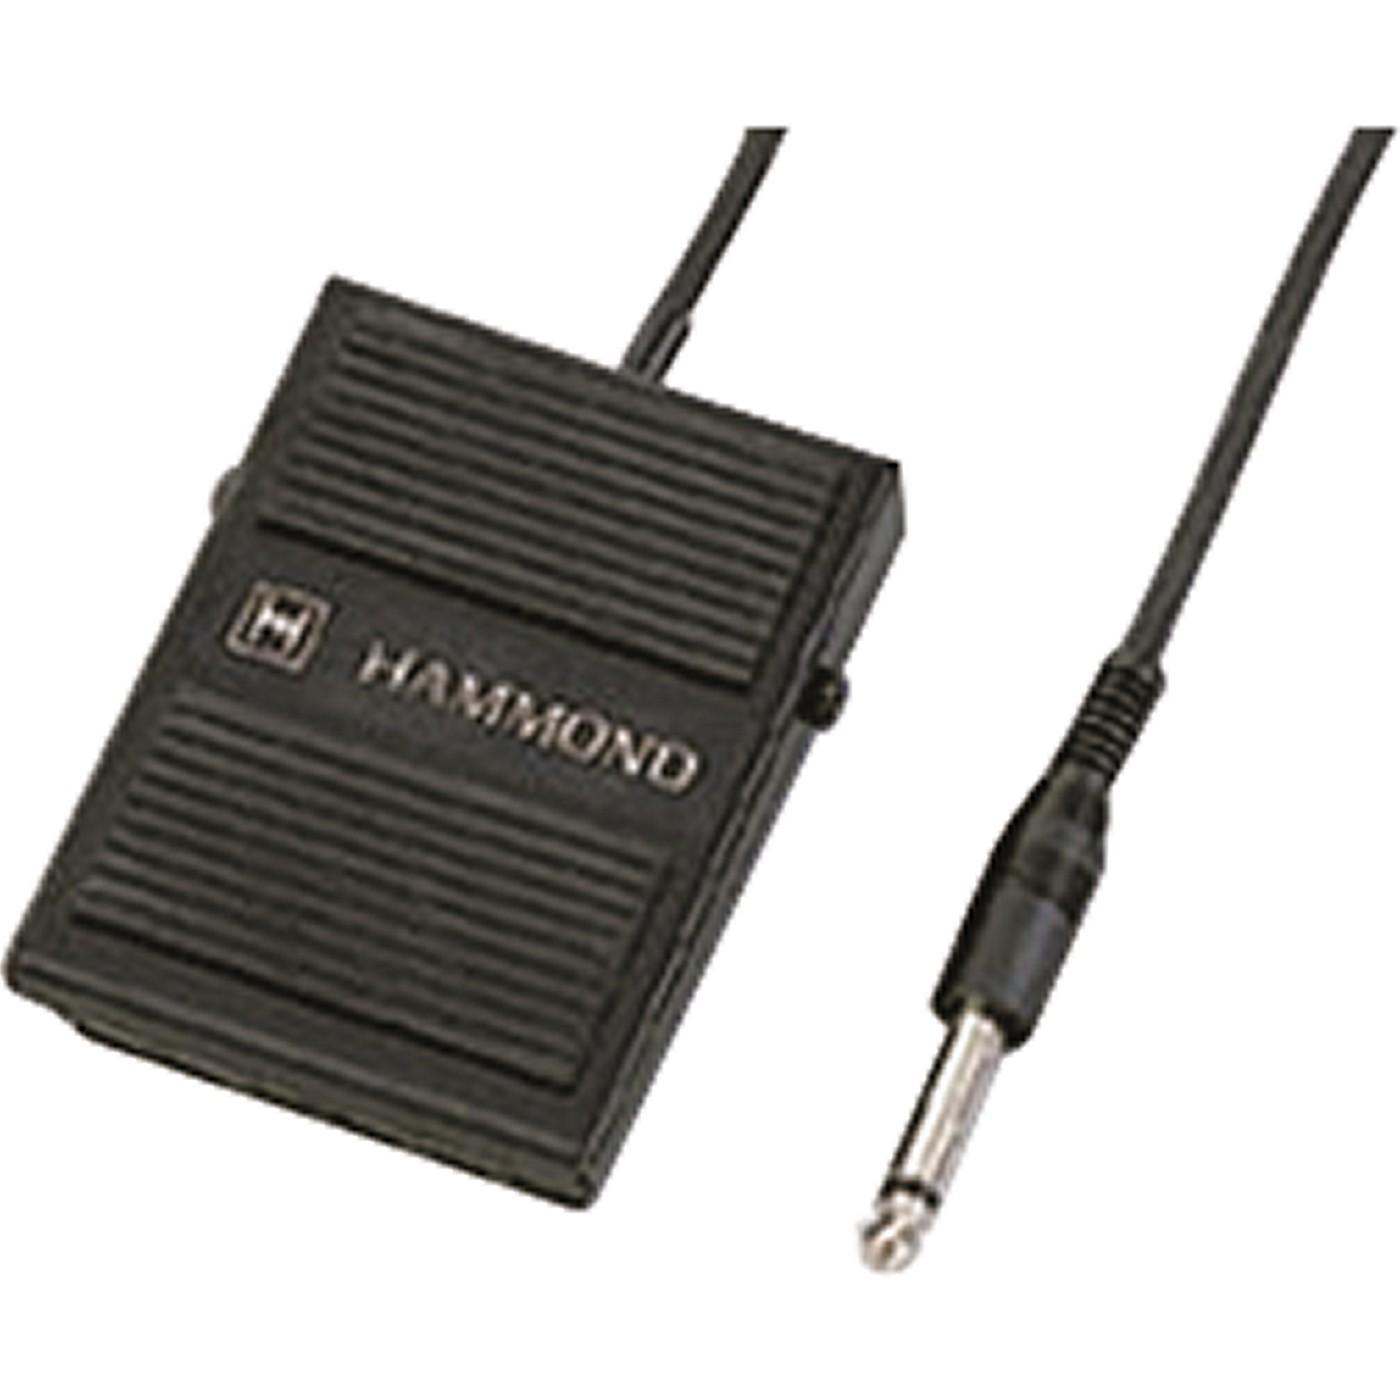 Hammond Foot Switch thumbnail